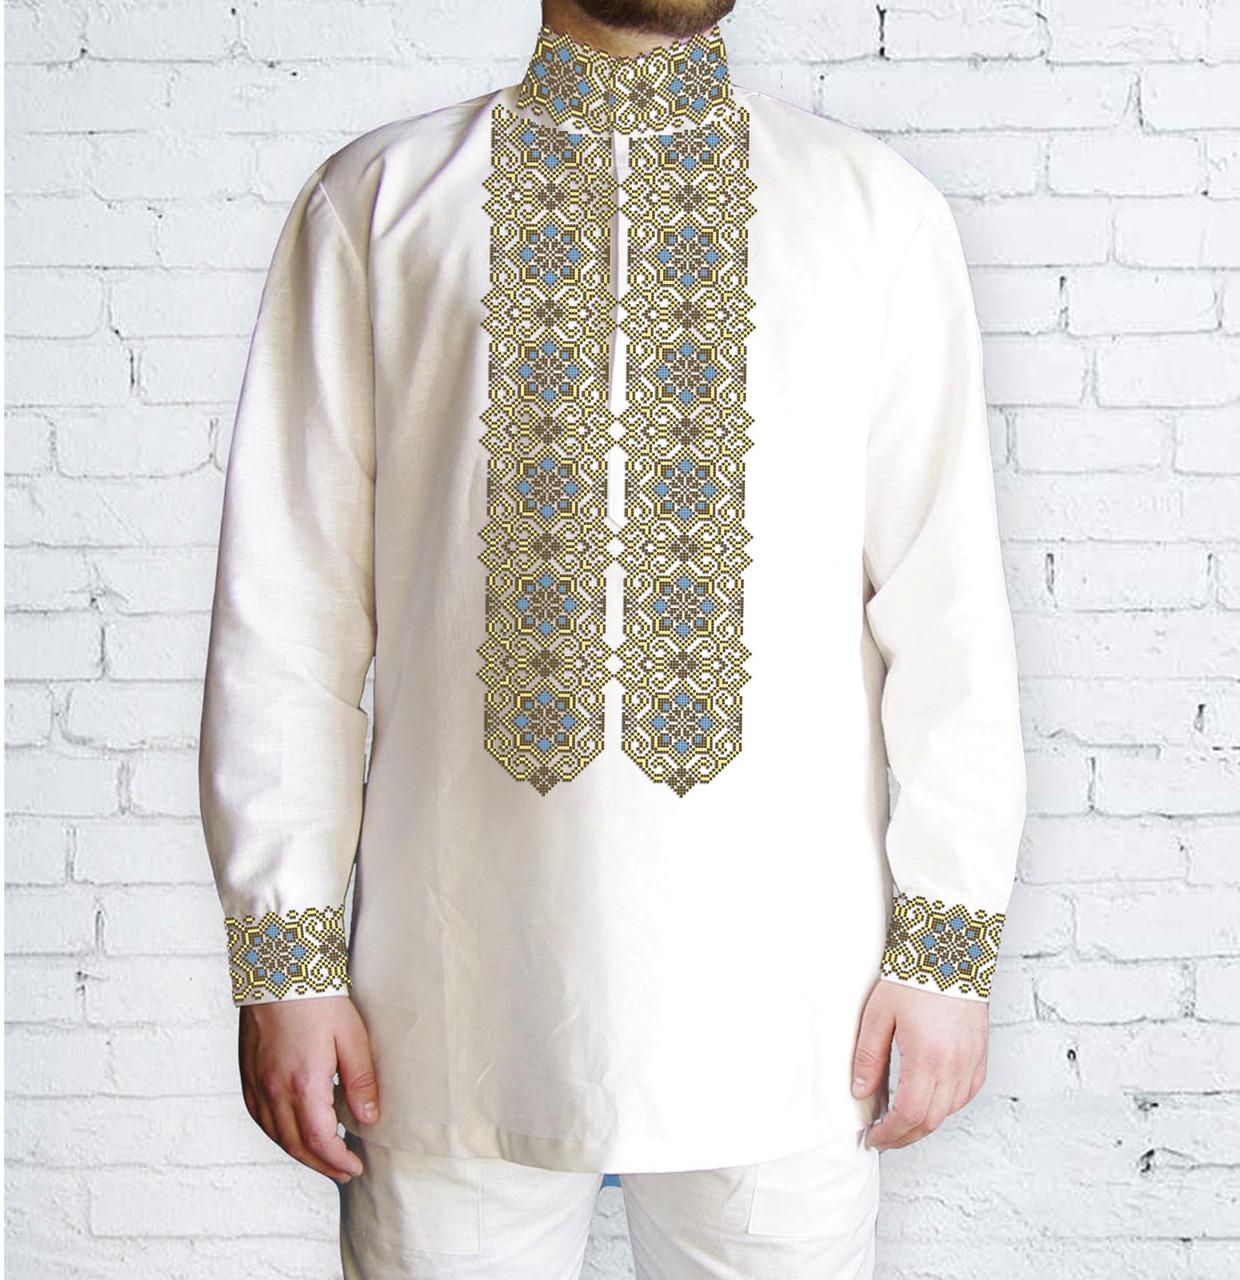 Заготовка чоловічої сорочки та вишиванки для вишивки чи вишивання бісером Бисерок «547 Пектораль» (Ч-547 )